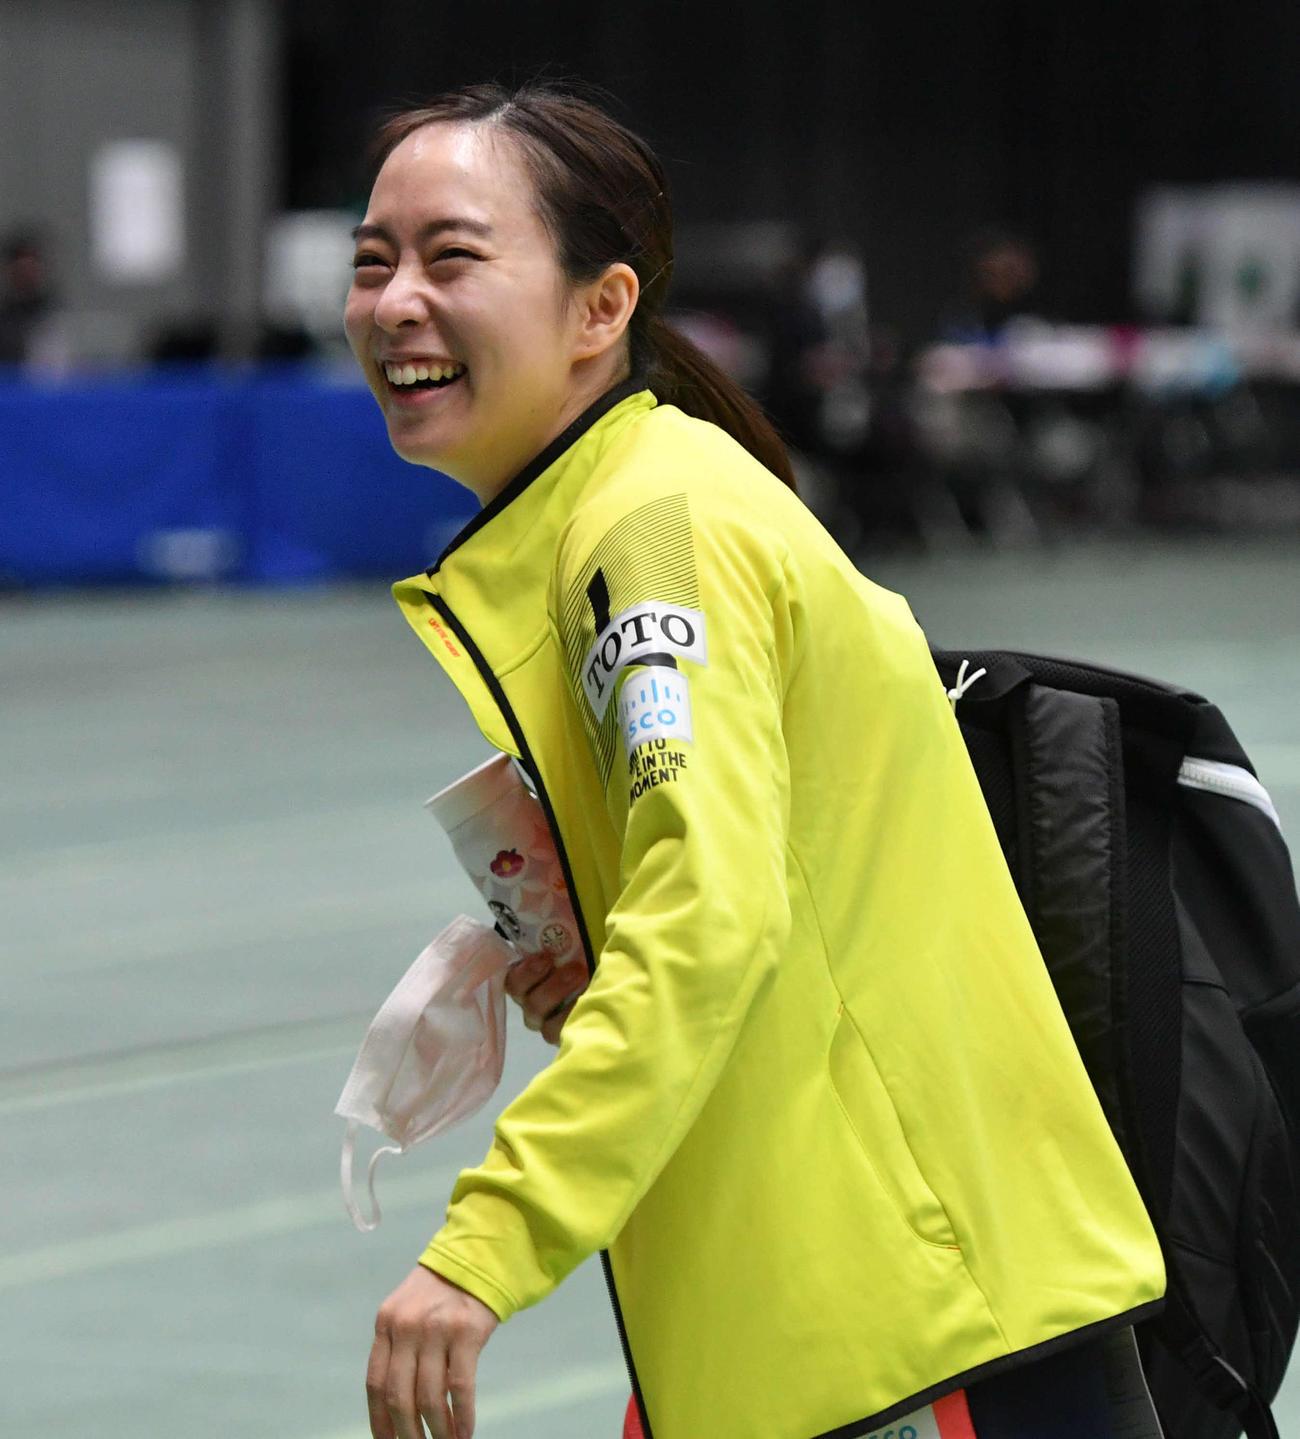 全日本卓球選手権女子シングルス準々決勝 準決勝に進出し、笑顔で引き揚げる石川佳純(撮影・岩下翔太)